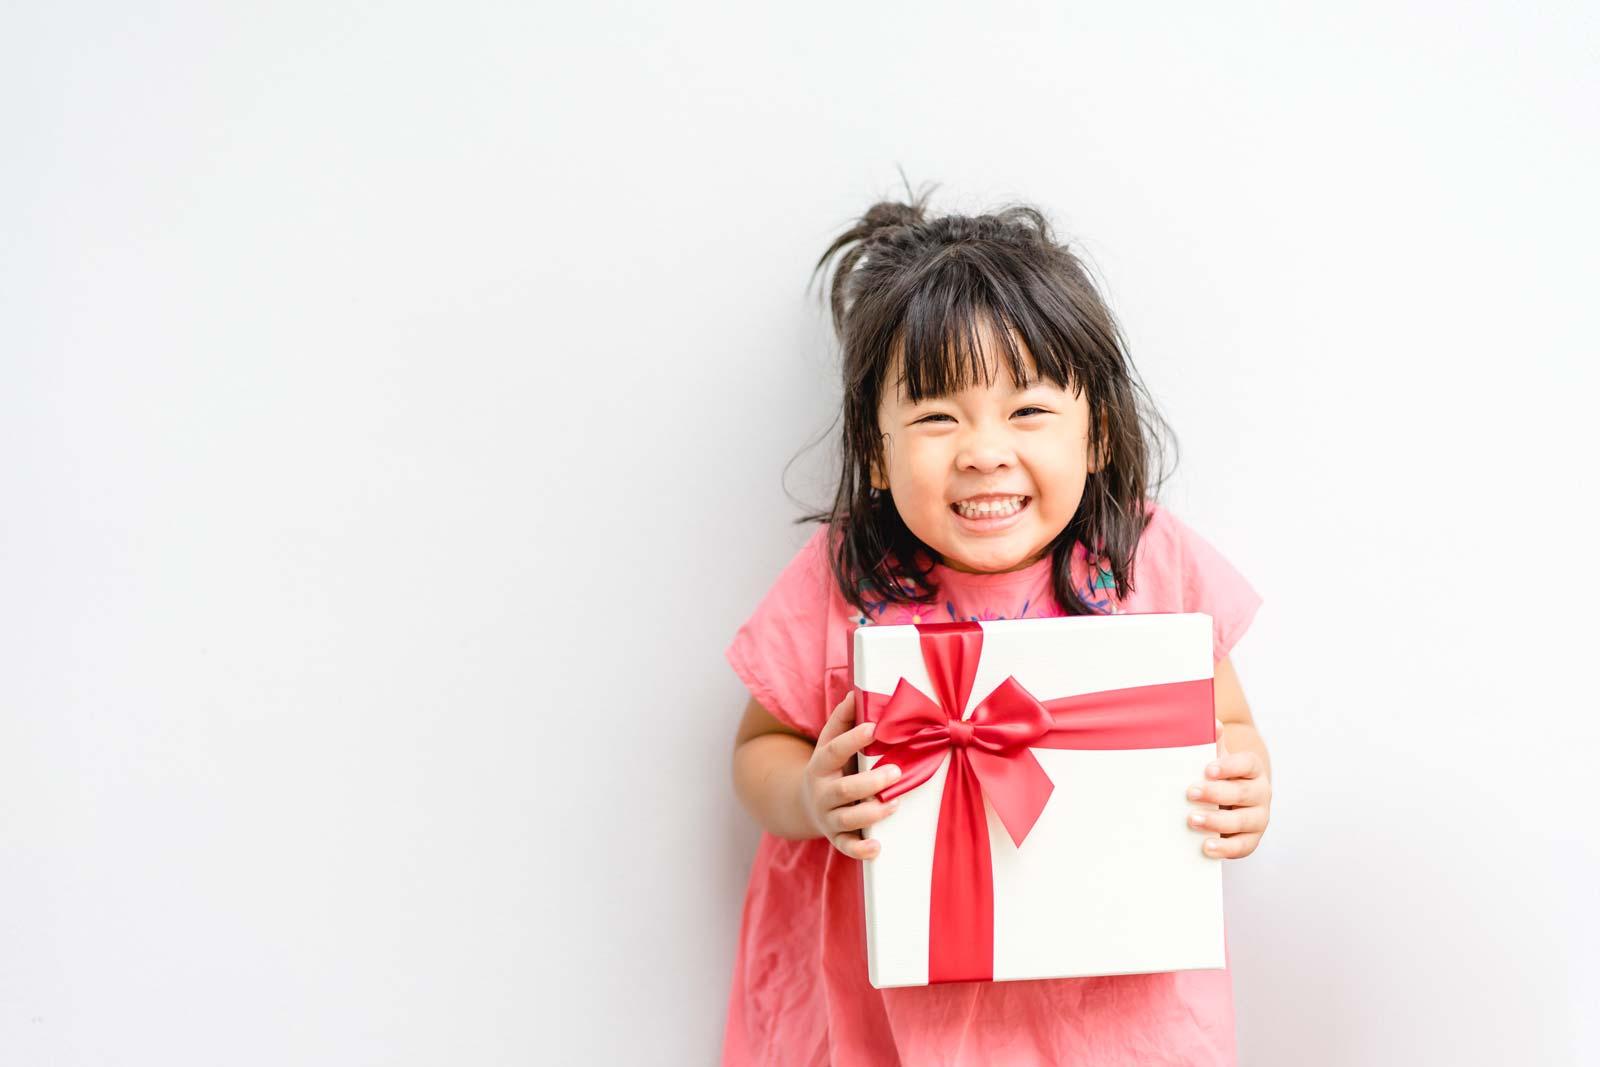 プレゼントを貰って喜んでいる女の子